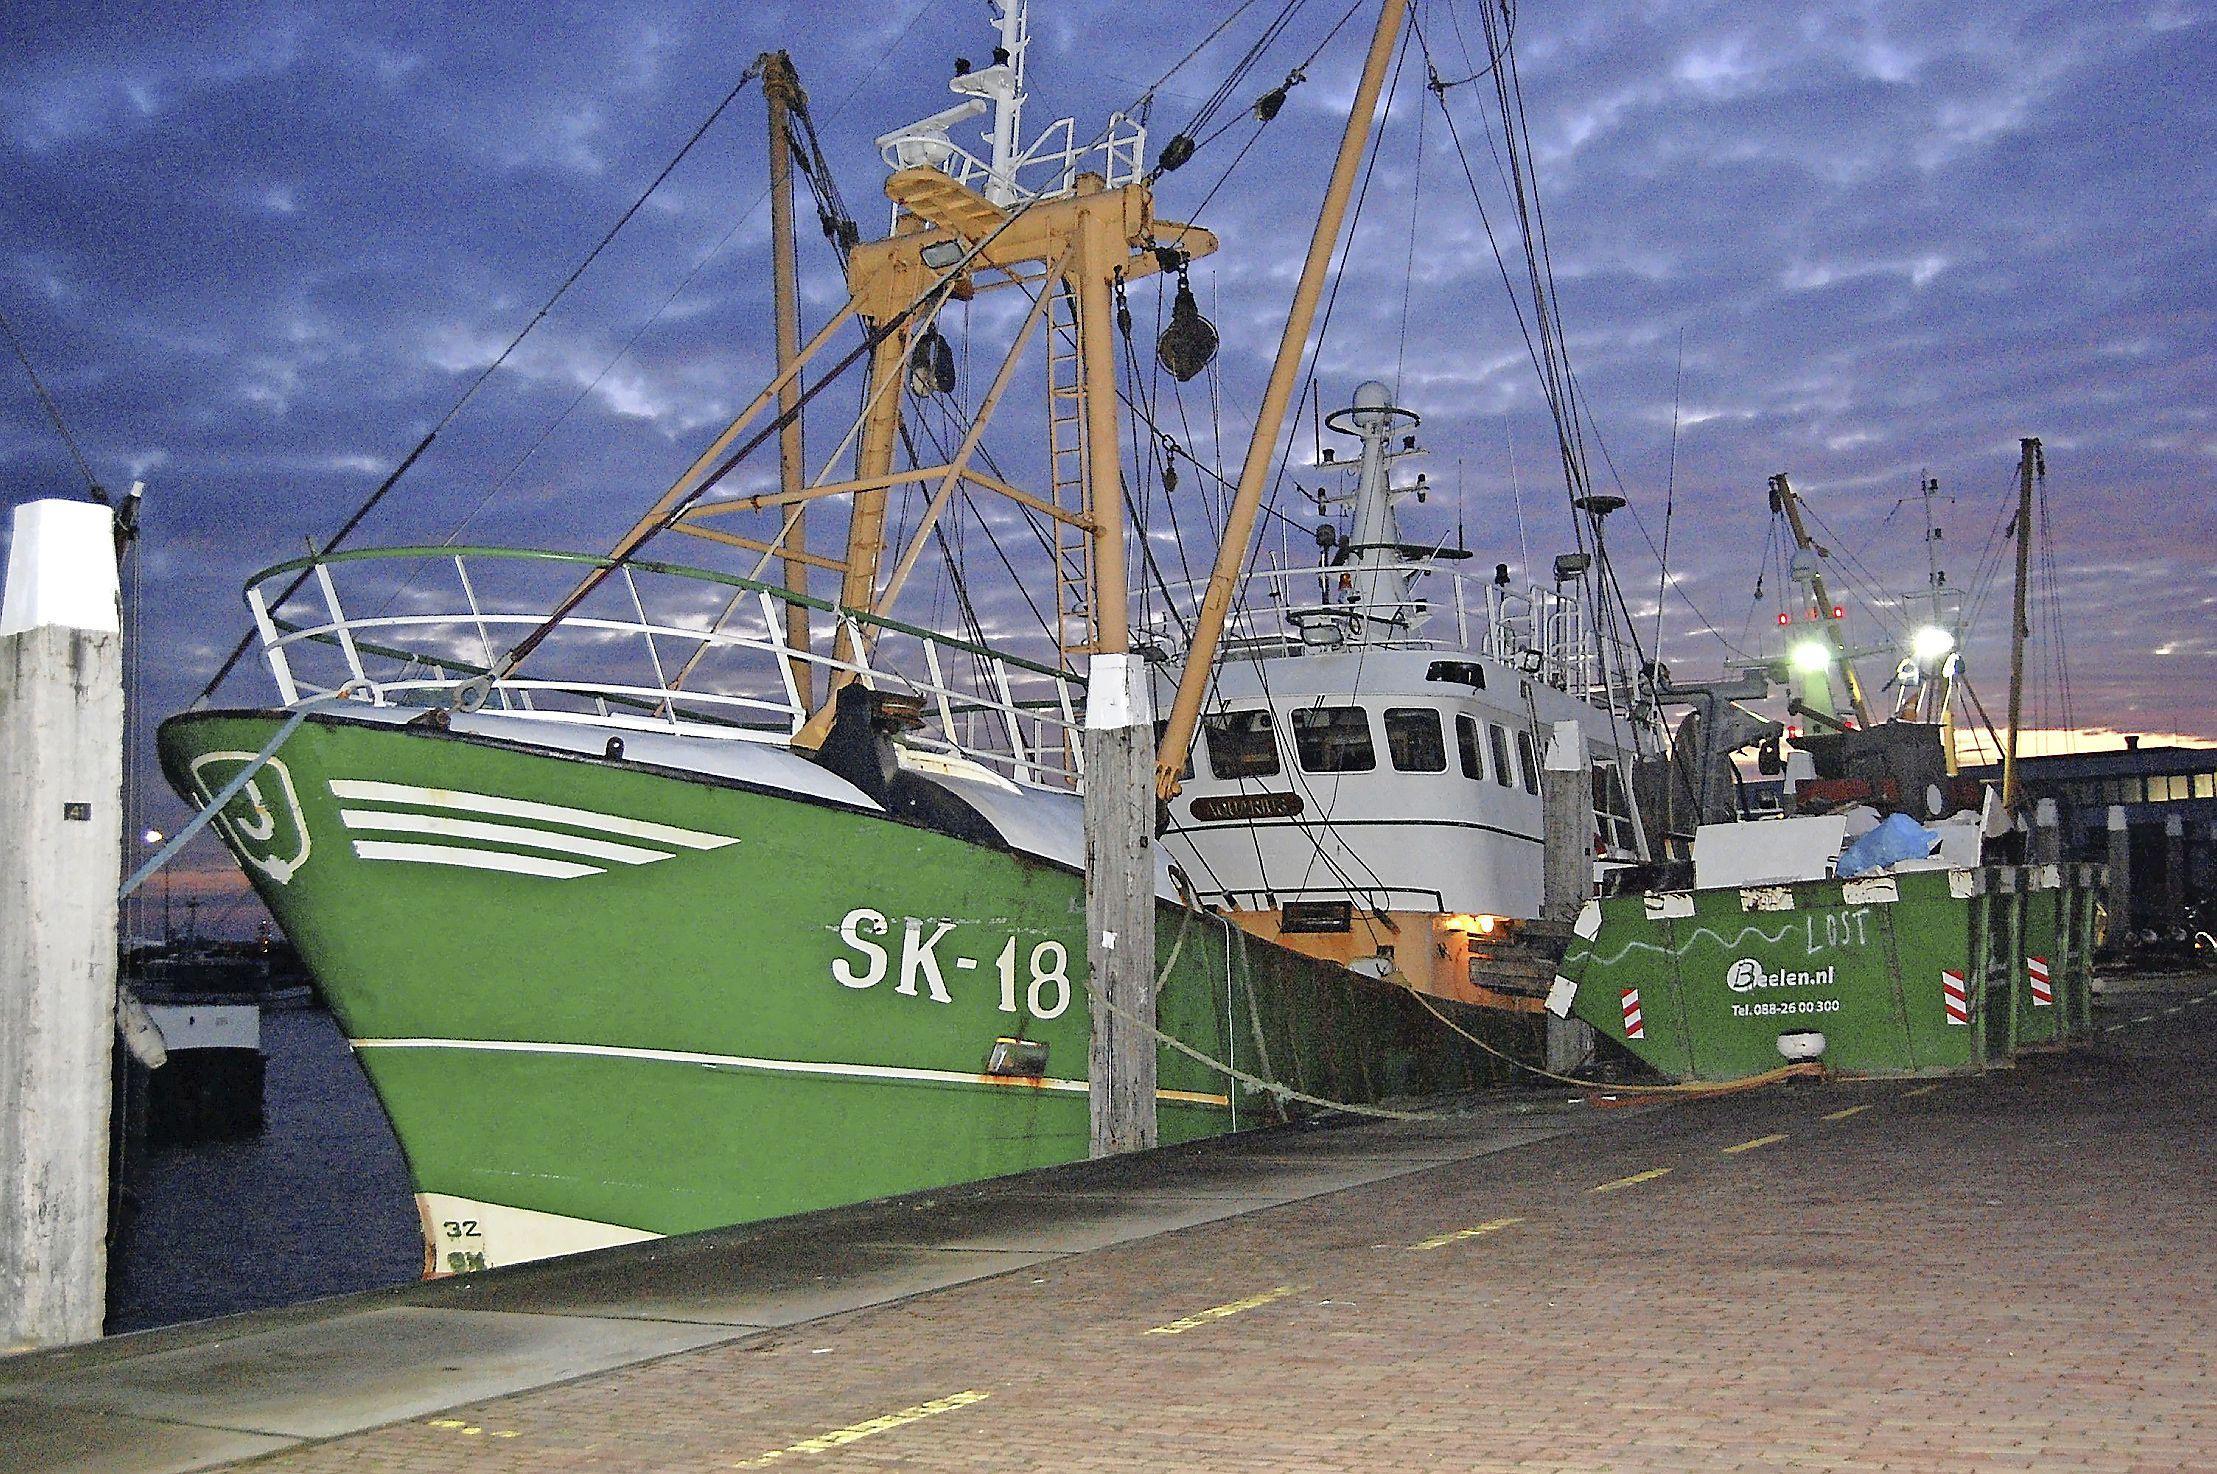 Eerst krijgt Ferry B. (46) uit Wieringerwerf een veel hogere celstraf. En nu wil het OM ook nog eens 1,3 miljoen euro aan crimineel verkregen geld van hem